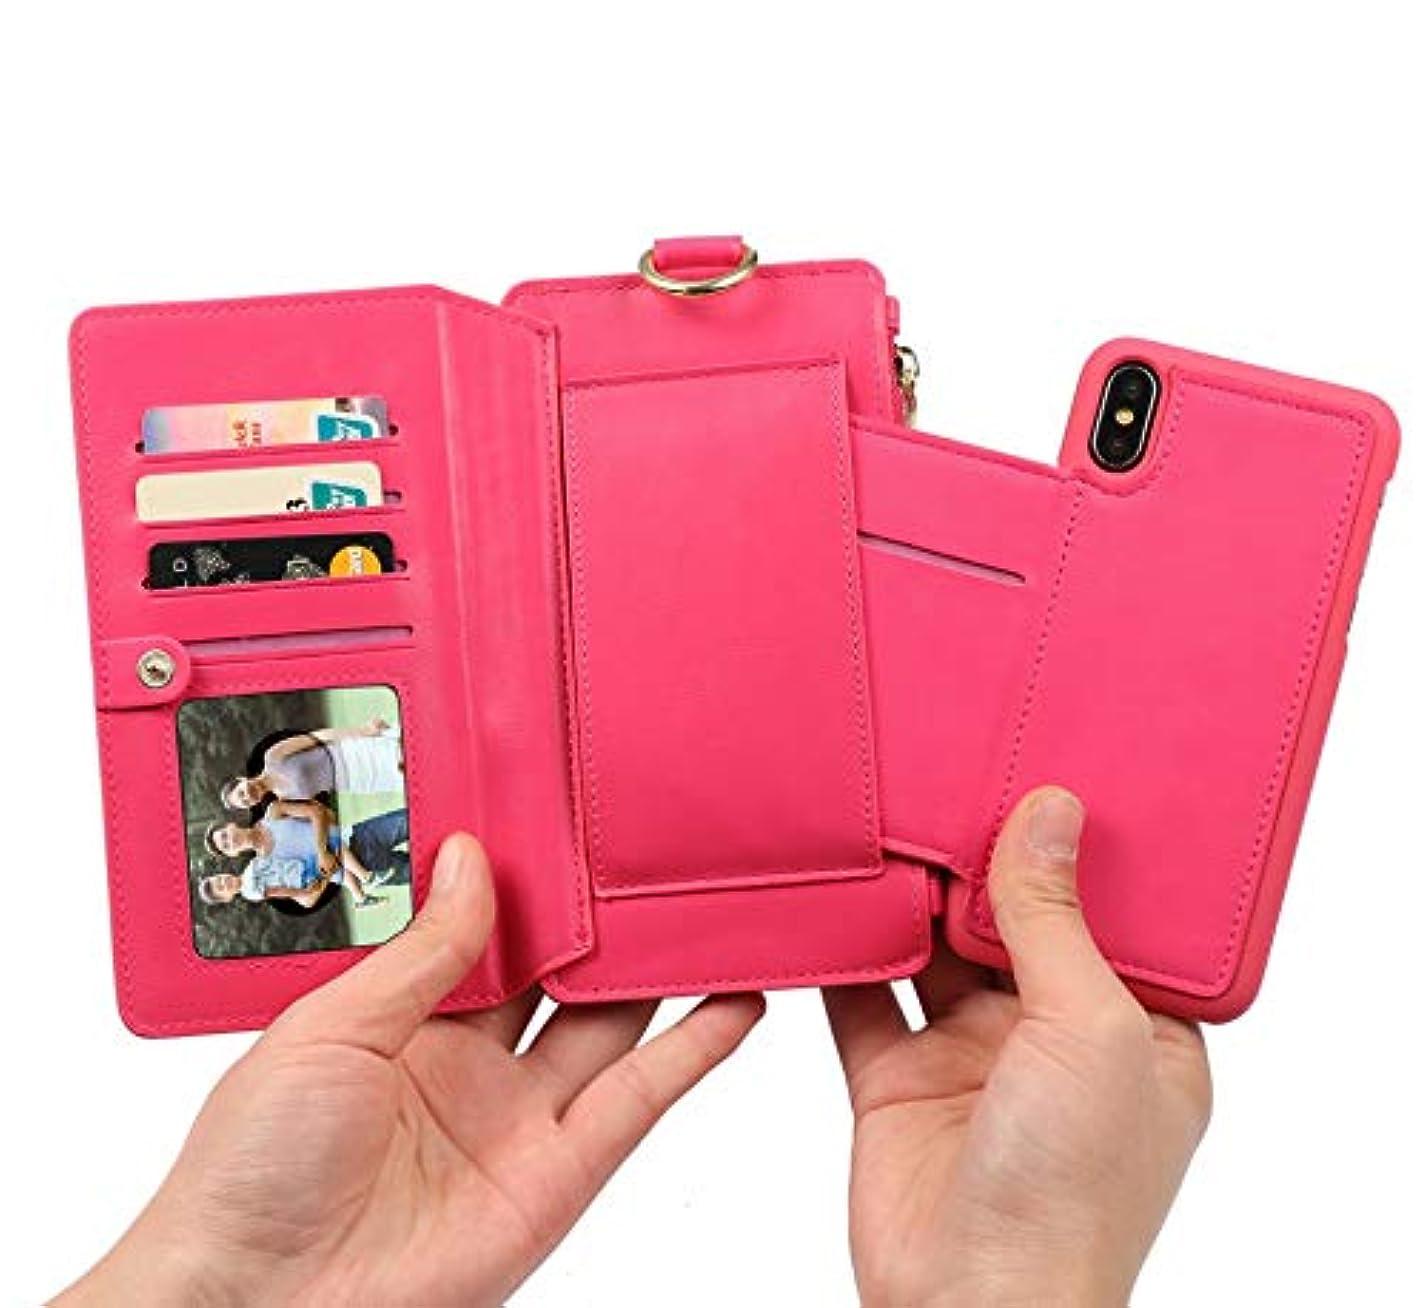 似ている寄り添う夕食を食べるiPhone 8 Plus パソコンExit包保護套 - 折りたたみ保護袖 - 立ちブラケット-ビジネススタイル-全身保護-内殻金属リング-12札入れ-相枠-取り外し可能な電話ケース財布 5.5インチiPhone 7 Plus/iPhone 8 Plusに適し、ホトピンク